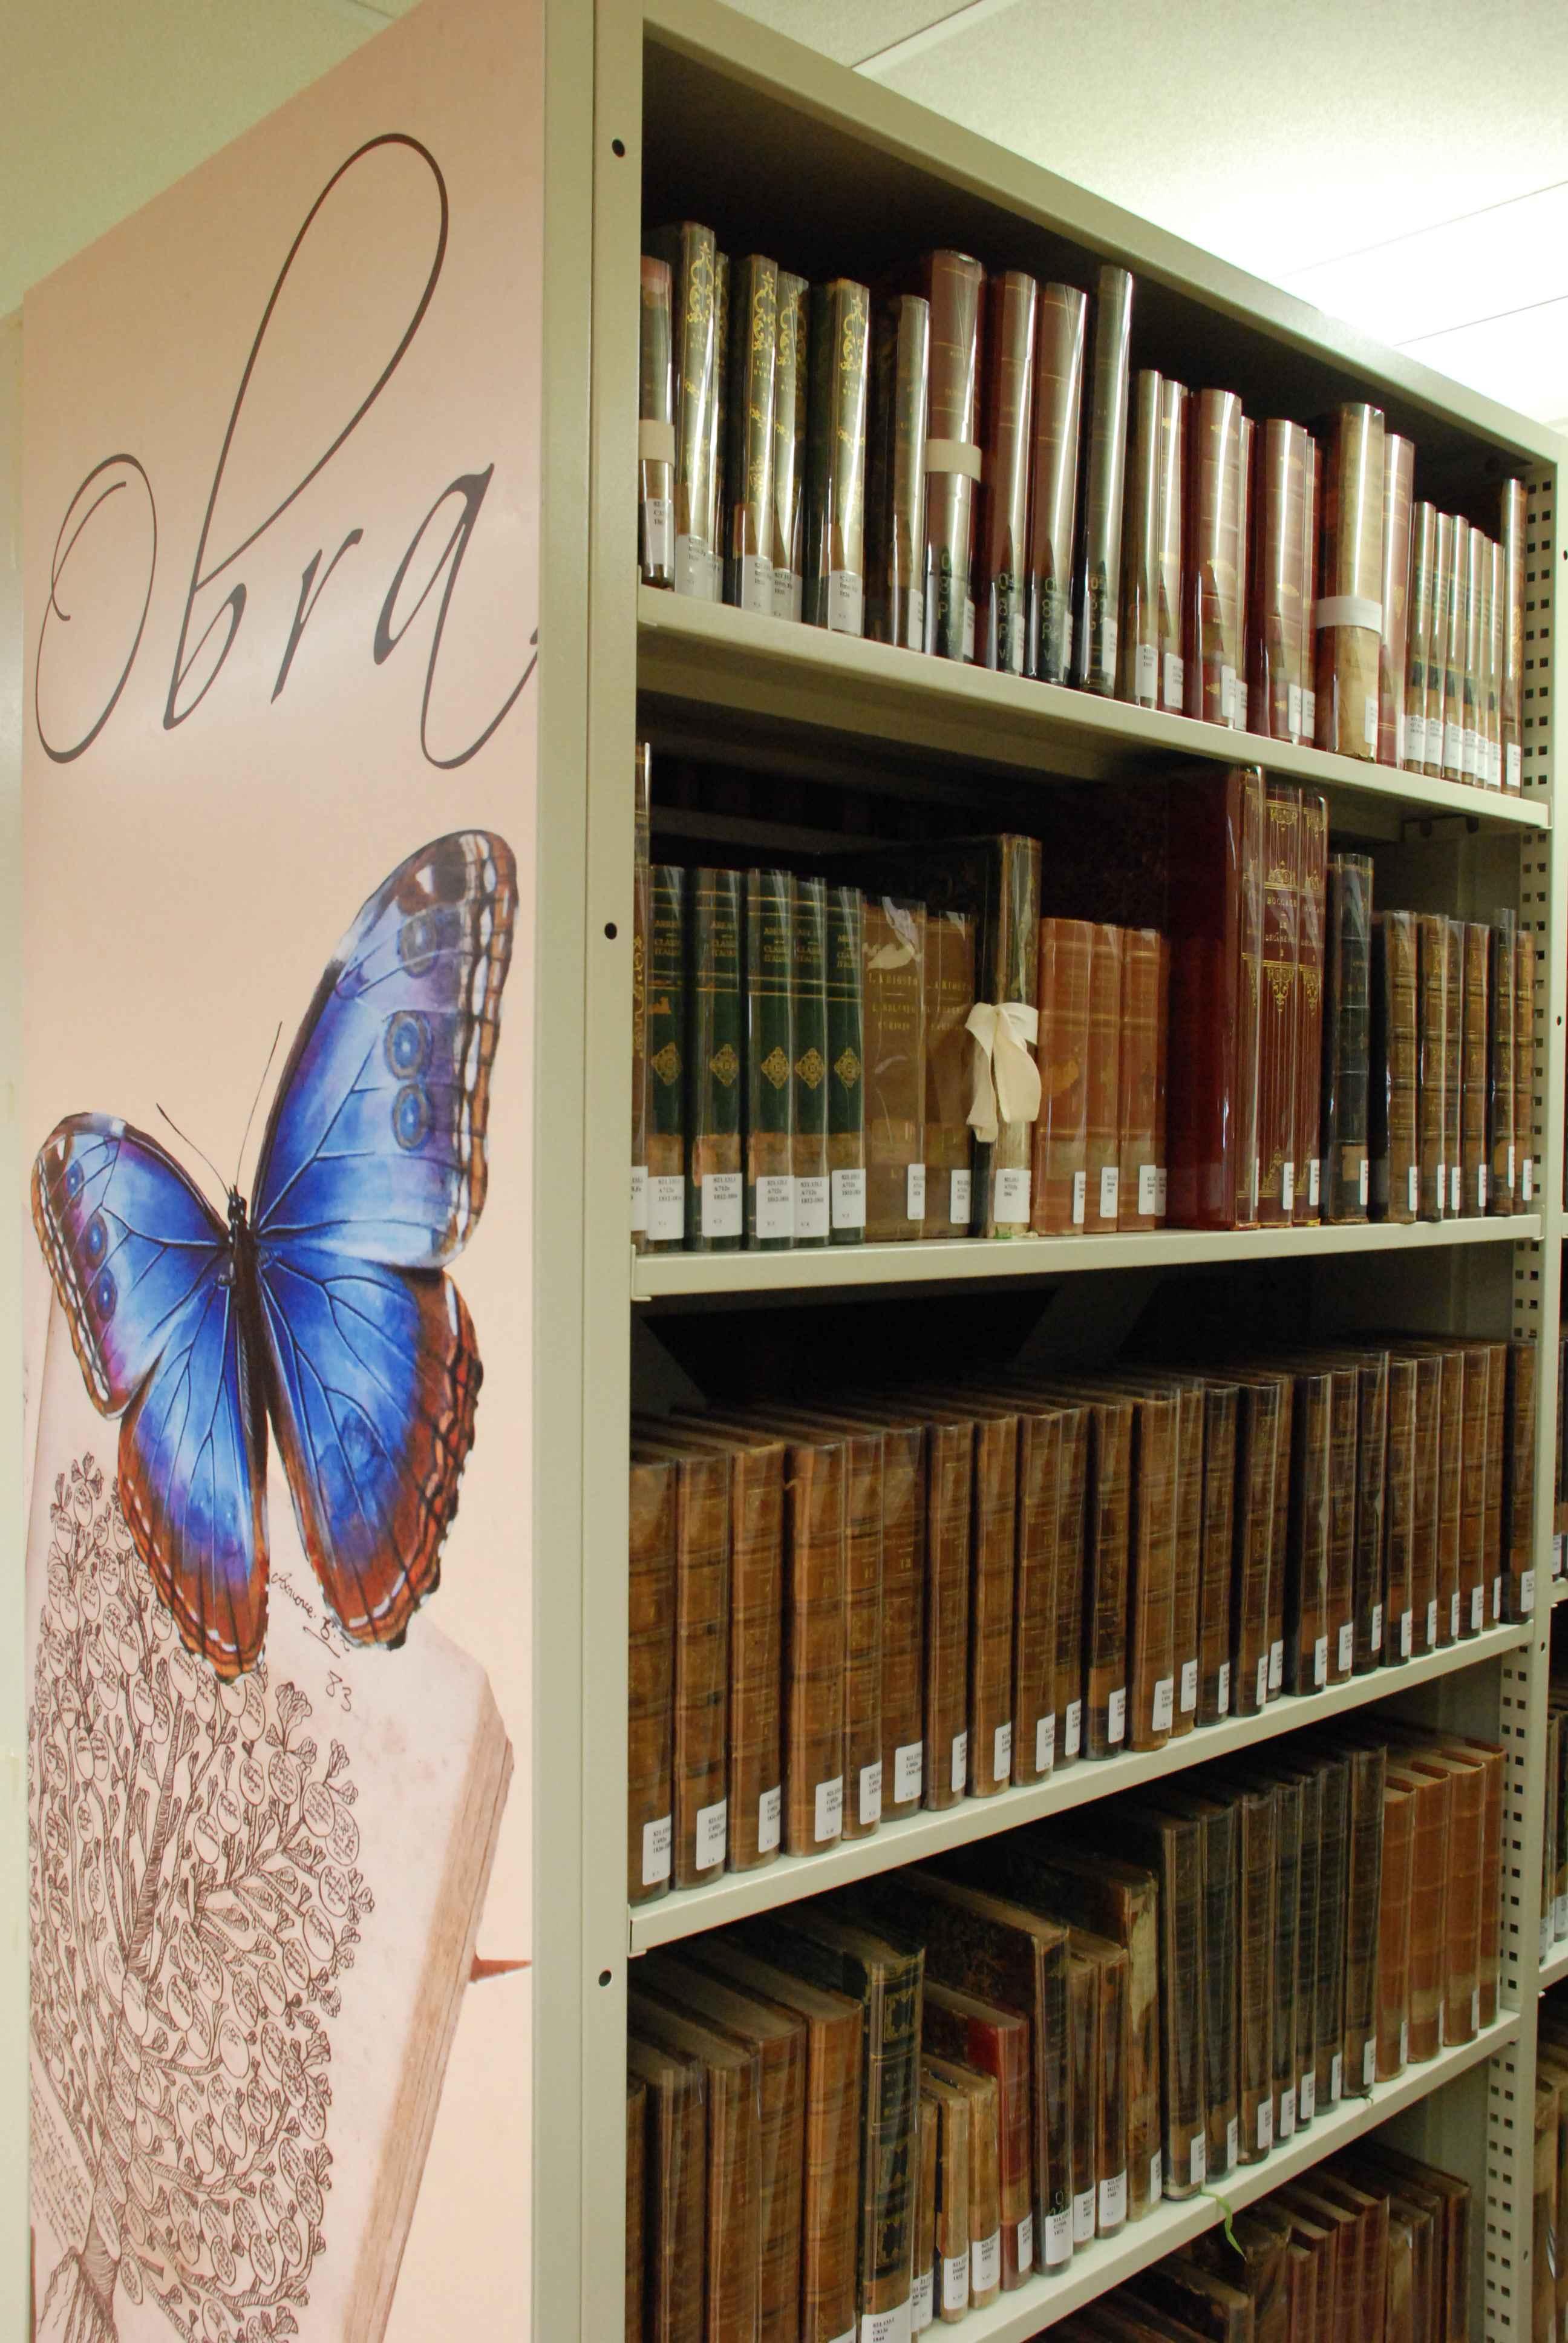 Amostra da coleção de obras raras: curso vai aliar teoria e prática